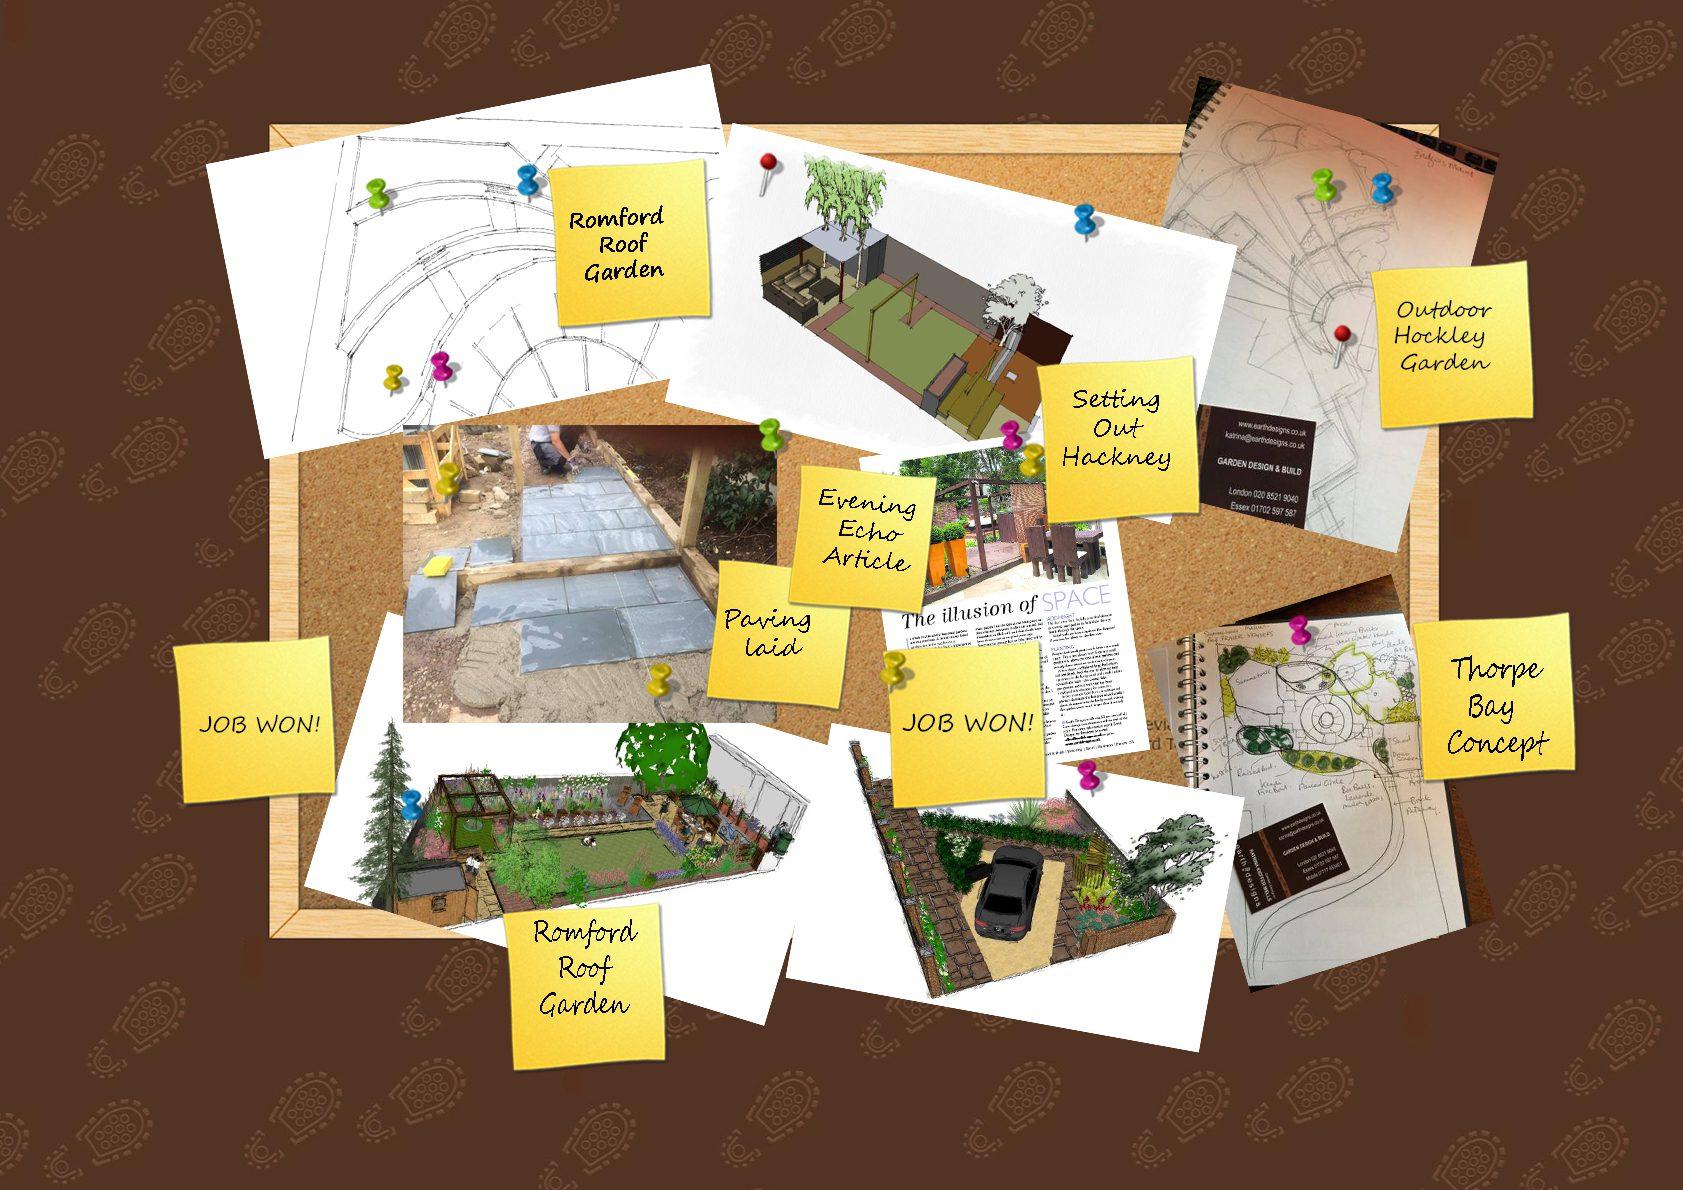 Essex Garden Design Diary WOTB wk38 2015